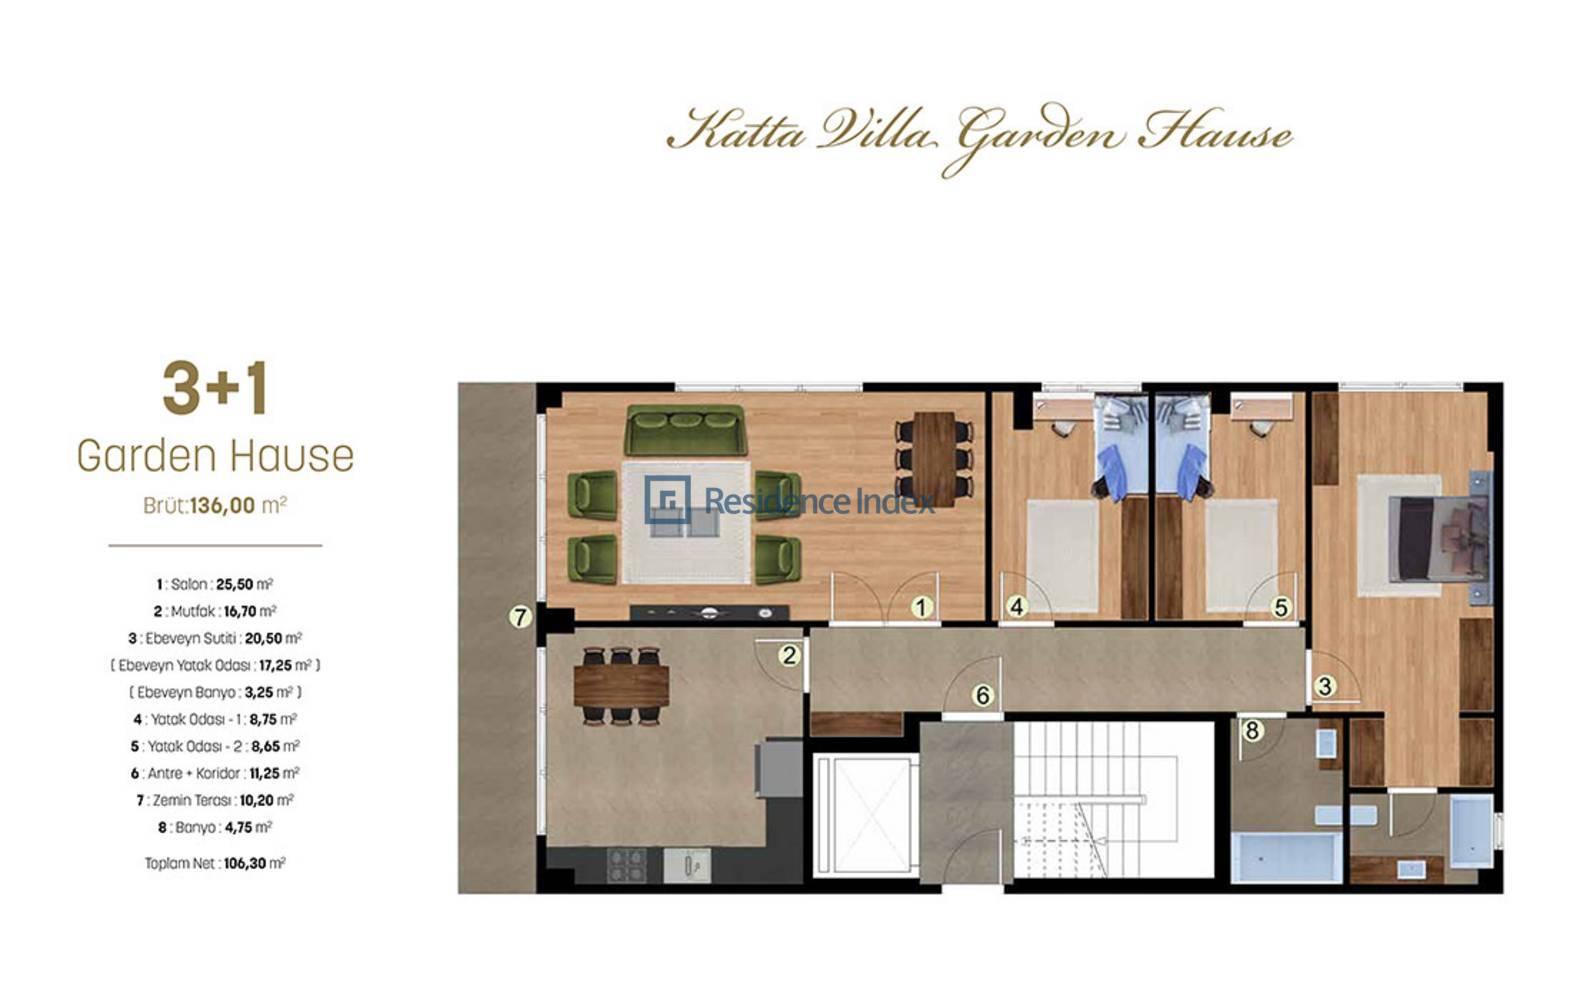 Alya Grandis Garden Hause